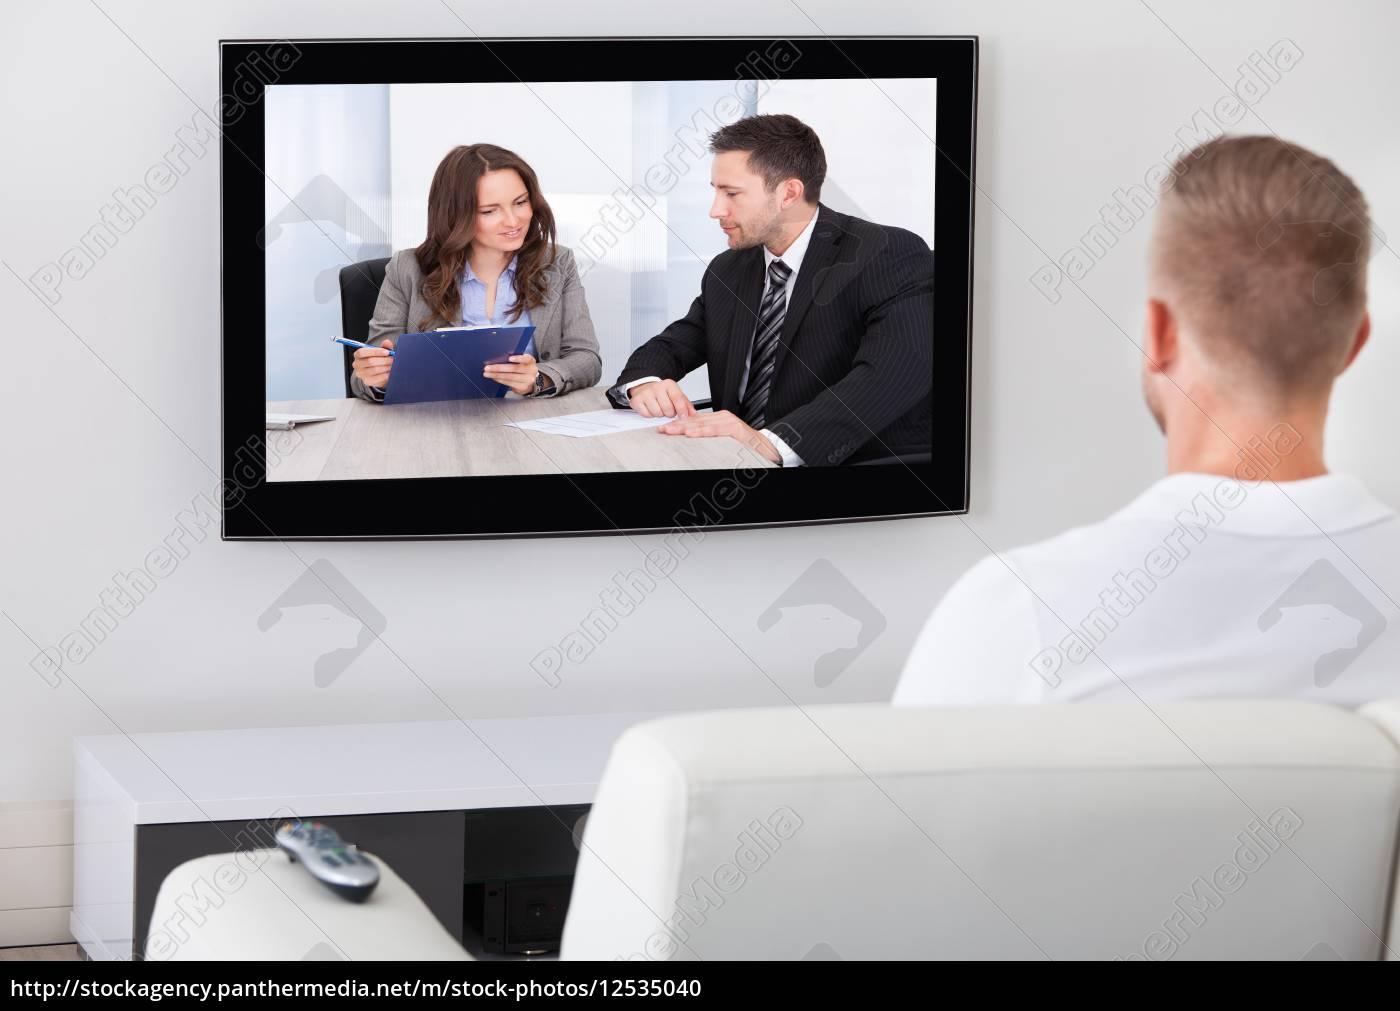 man sitzt vor dem fernseher zu hause lizenzfreies foto 12535040 bildagentur panthermedia. Black Bedroom Furniture Sets. Home Design Ideas